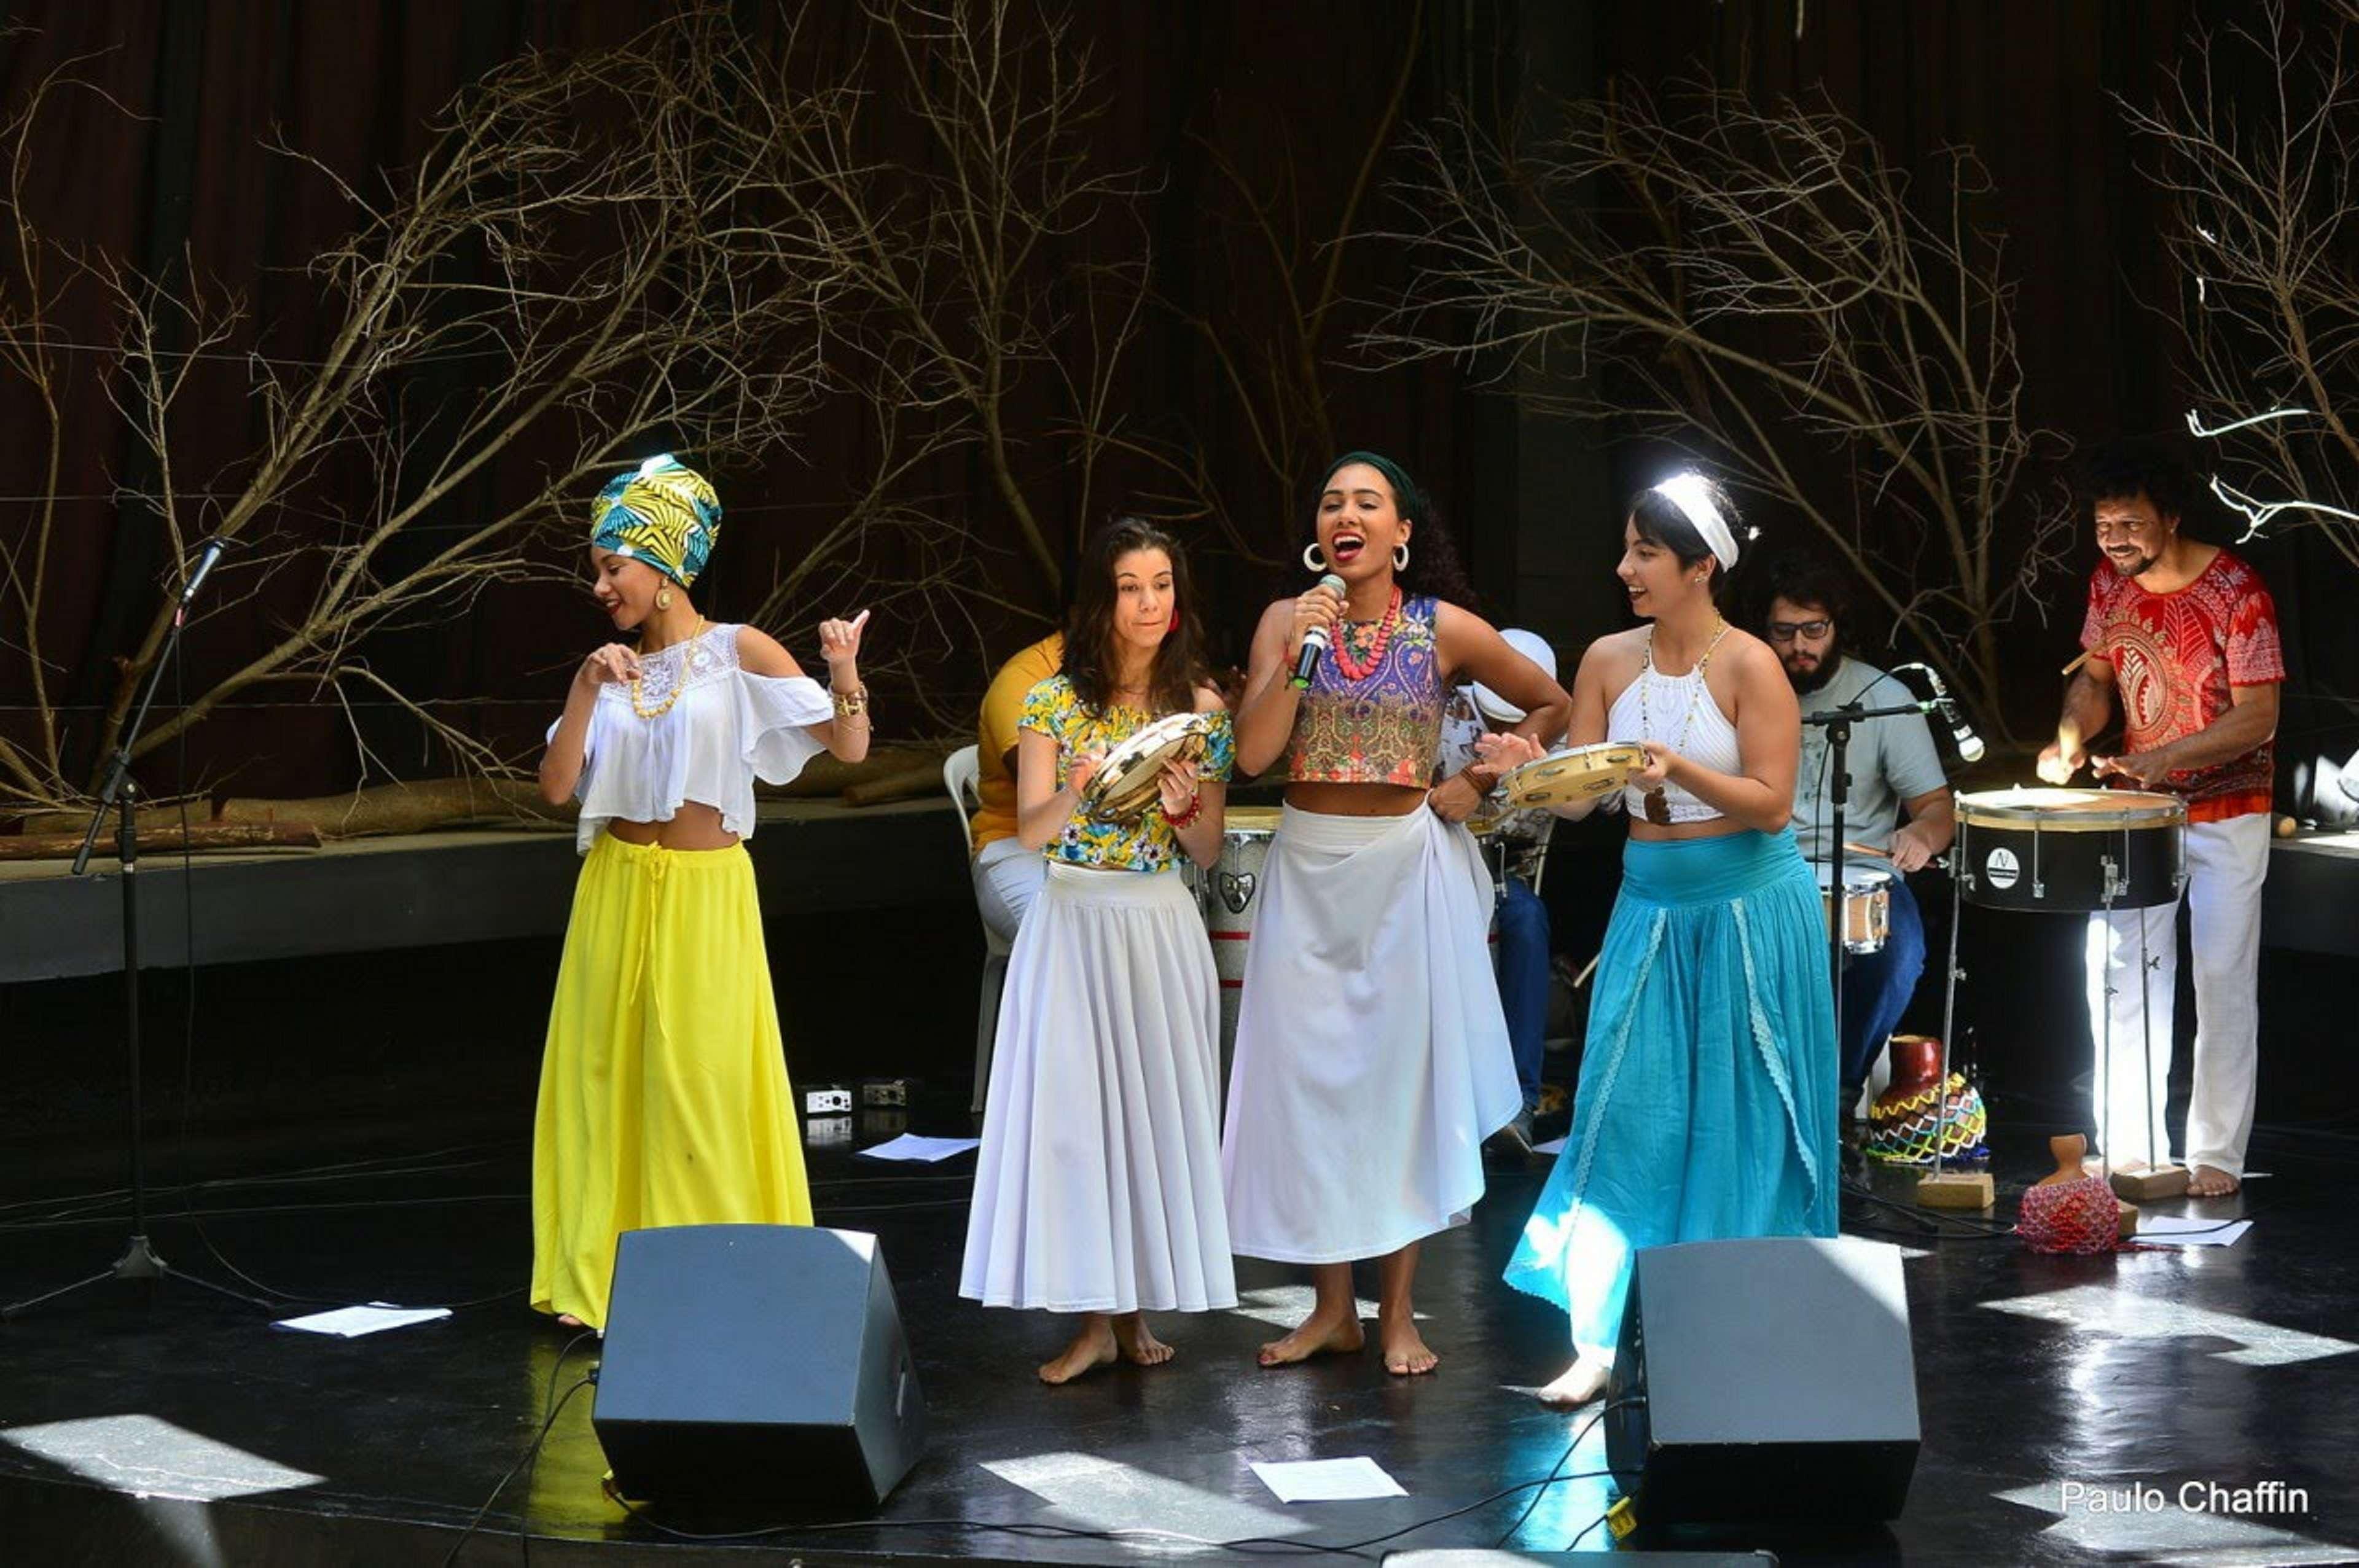 Festival dosPovos Tradicionais Africanos e Afro-diaspóricos